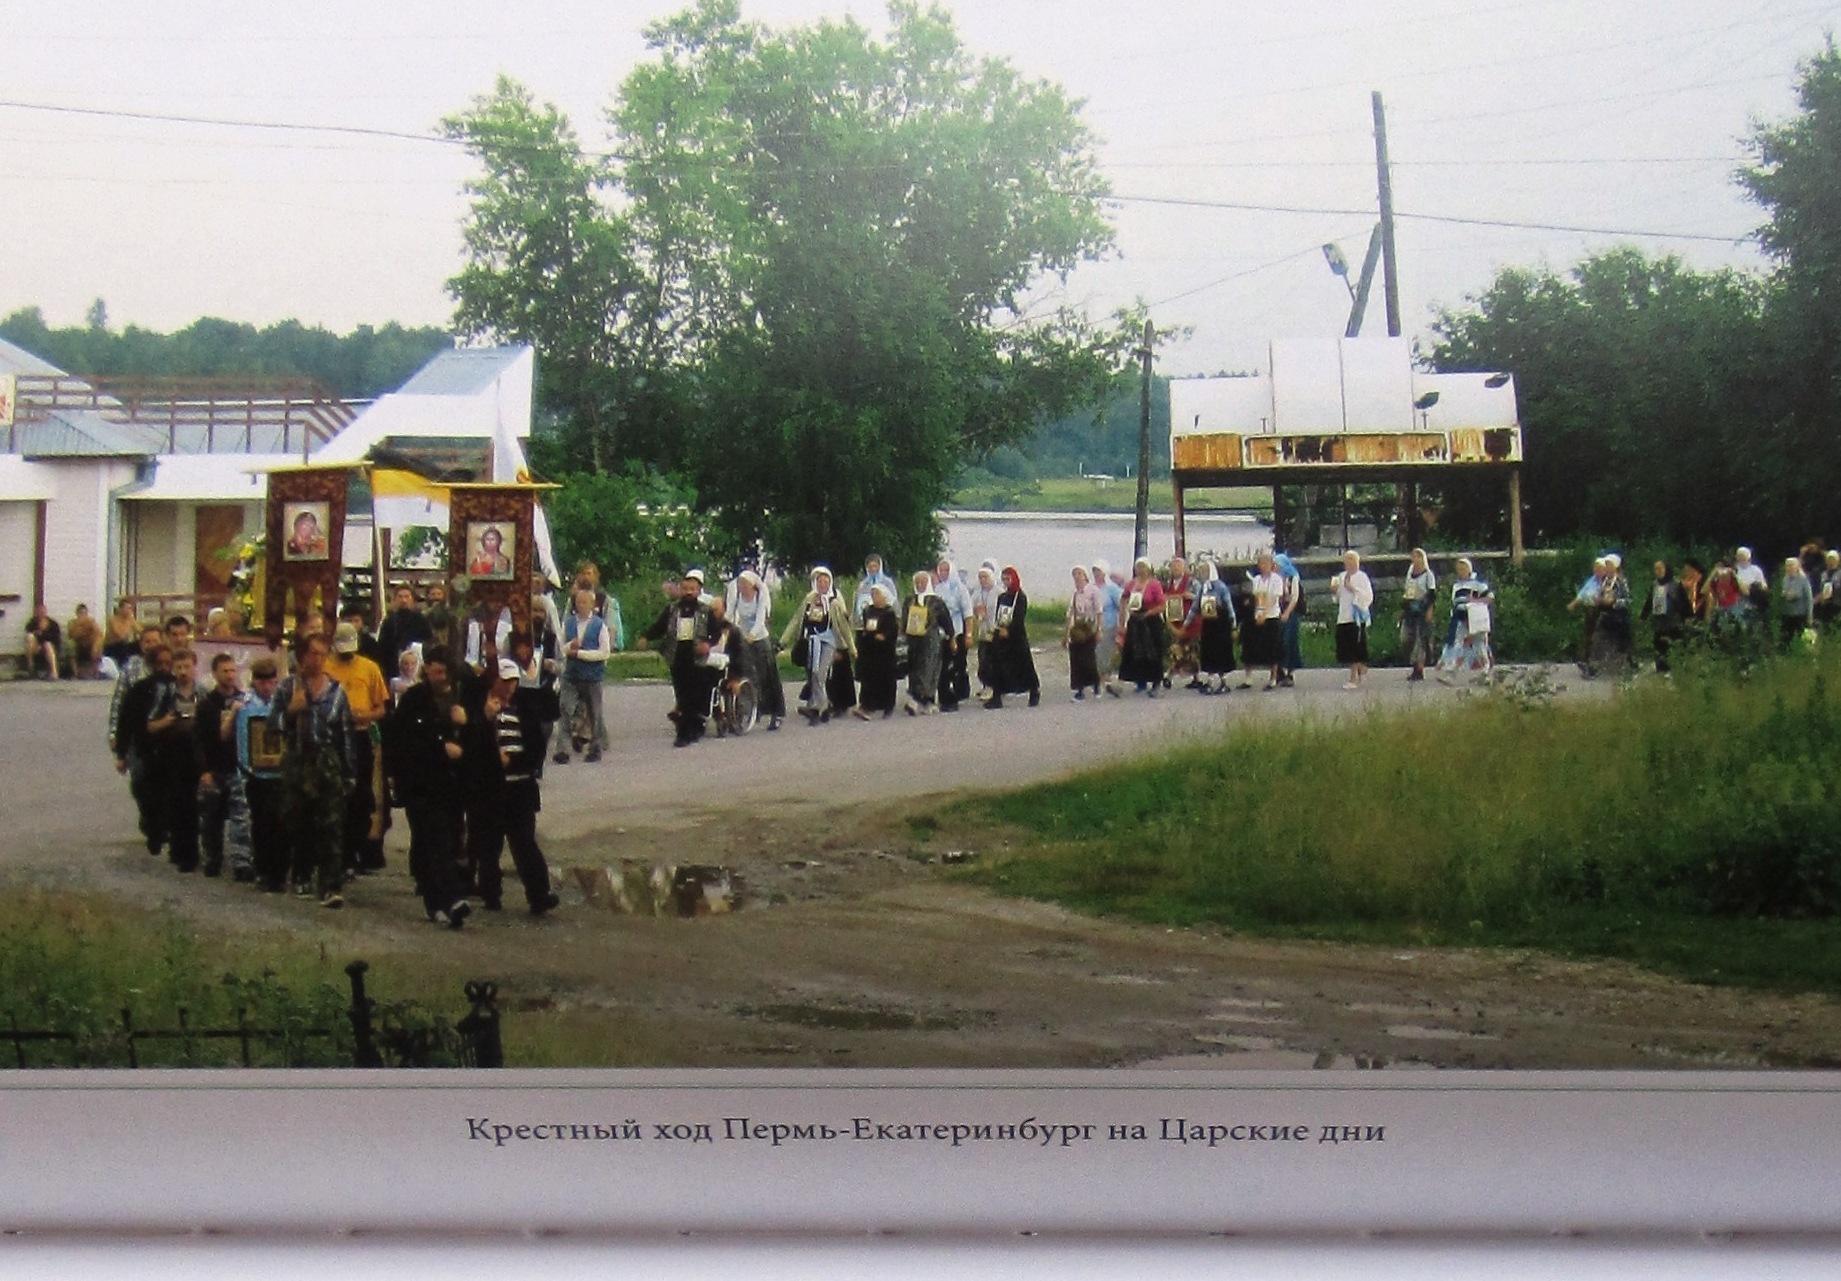 Крестный ход Царские дни 2008 г